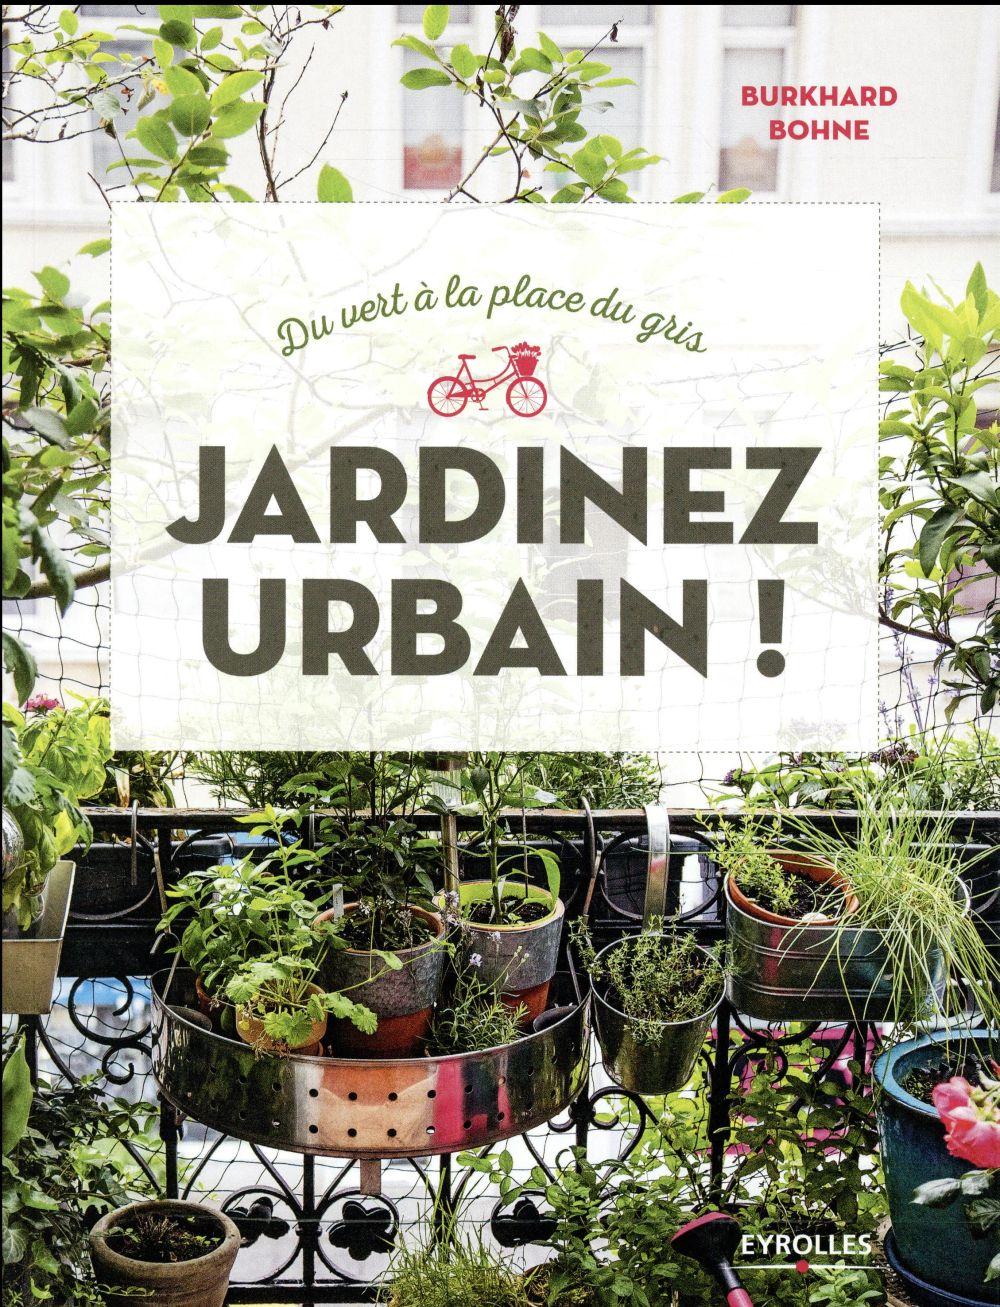 Jardinez urbain !